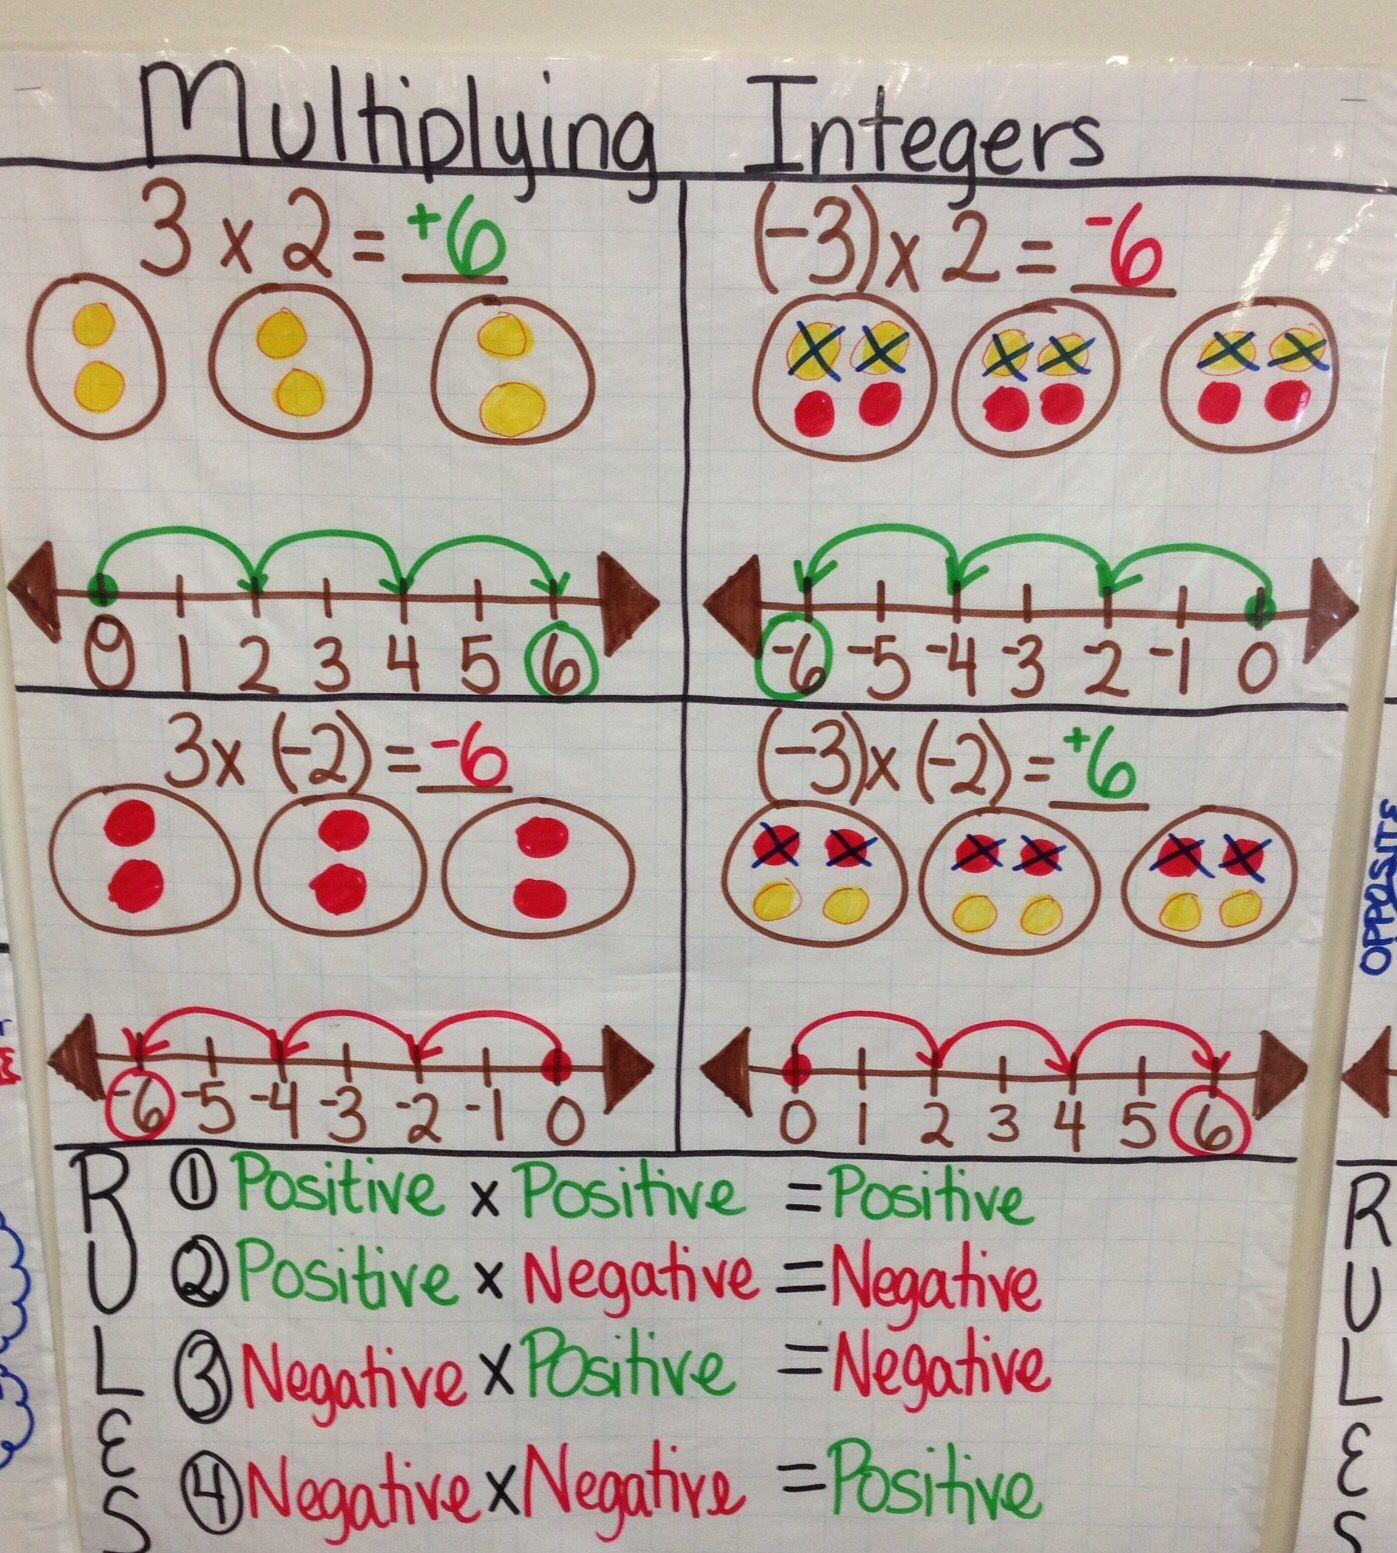 Multiplying Integer Anchor Chart Createdlauren Kubin